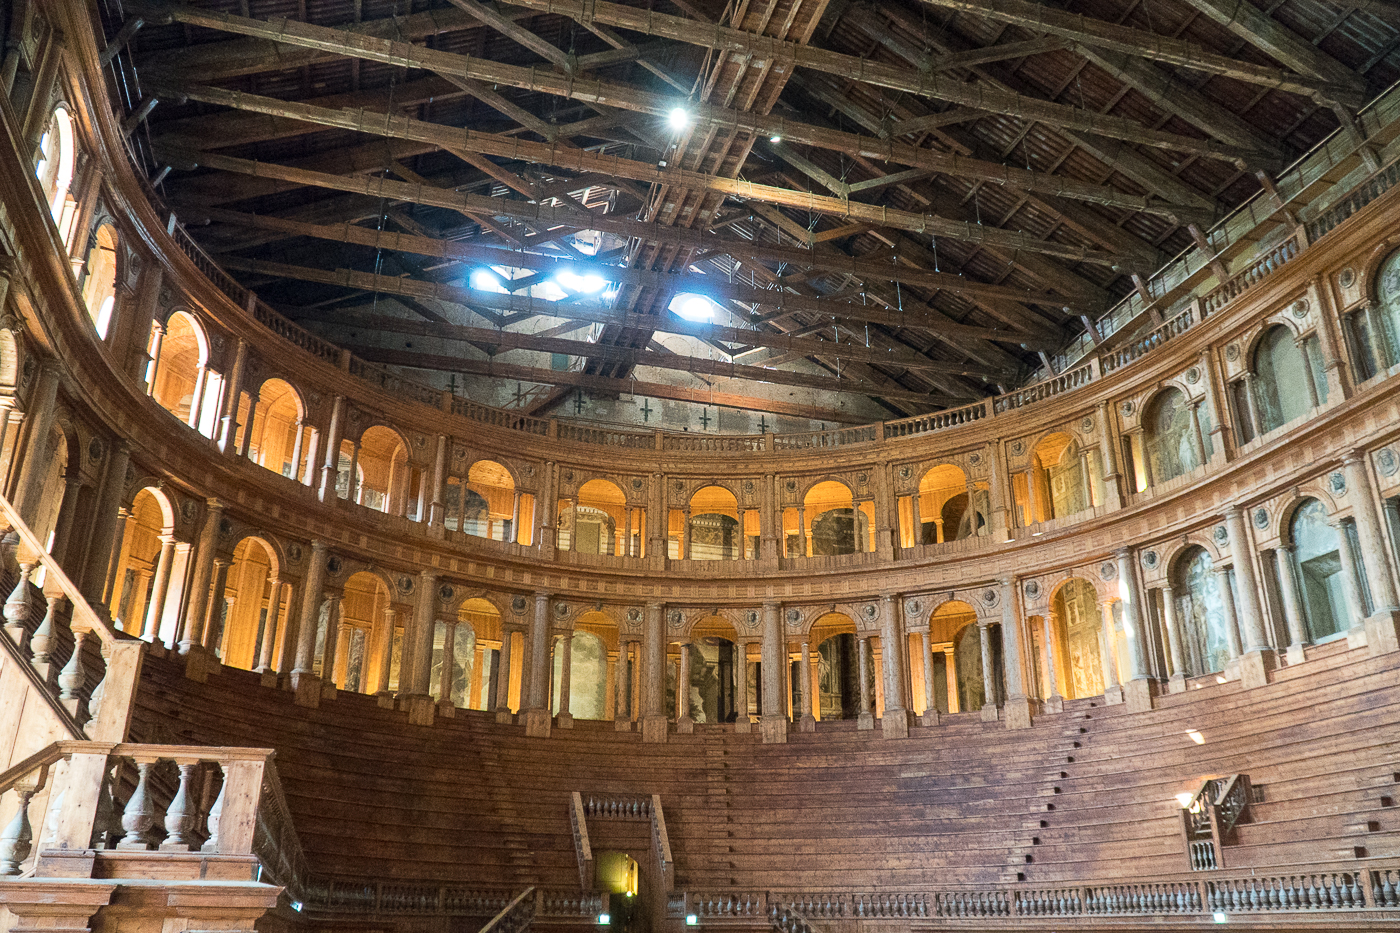 visite du Teatro Farnese de Parme en Italie